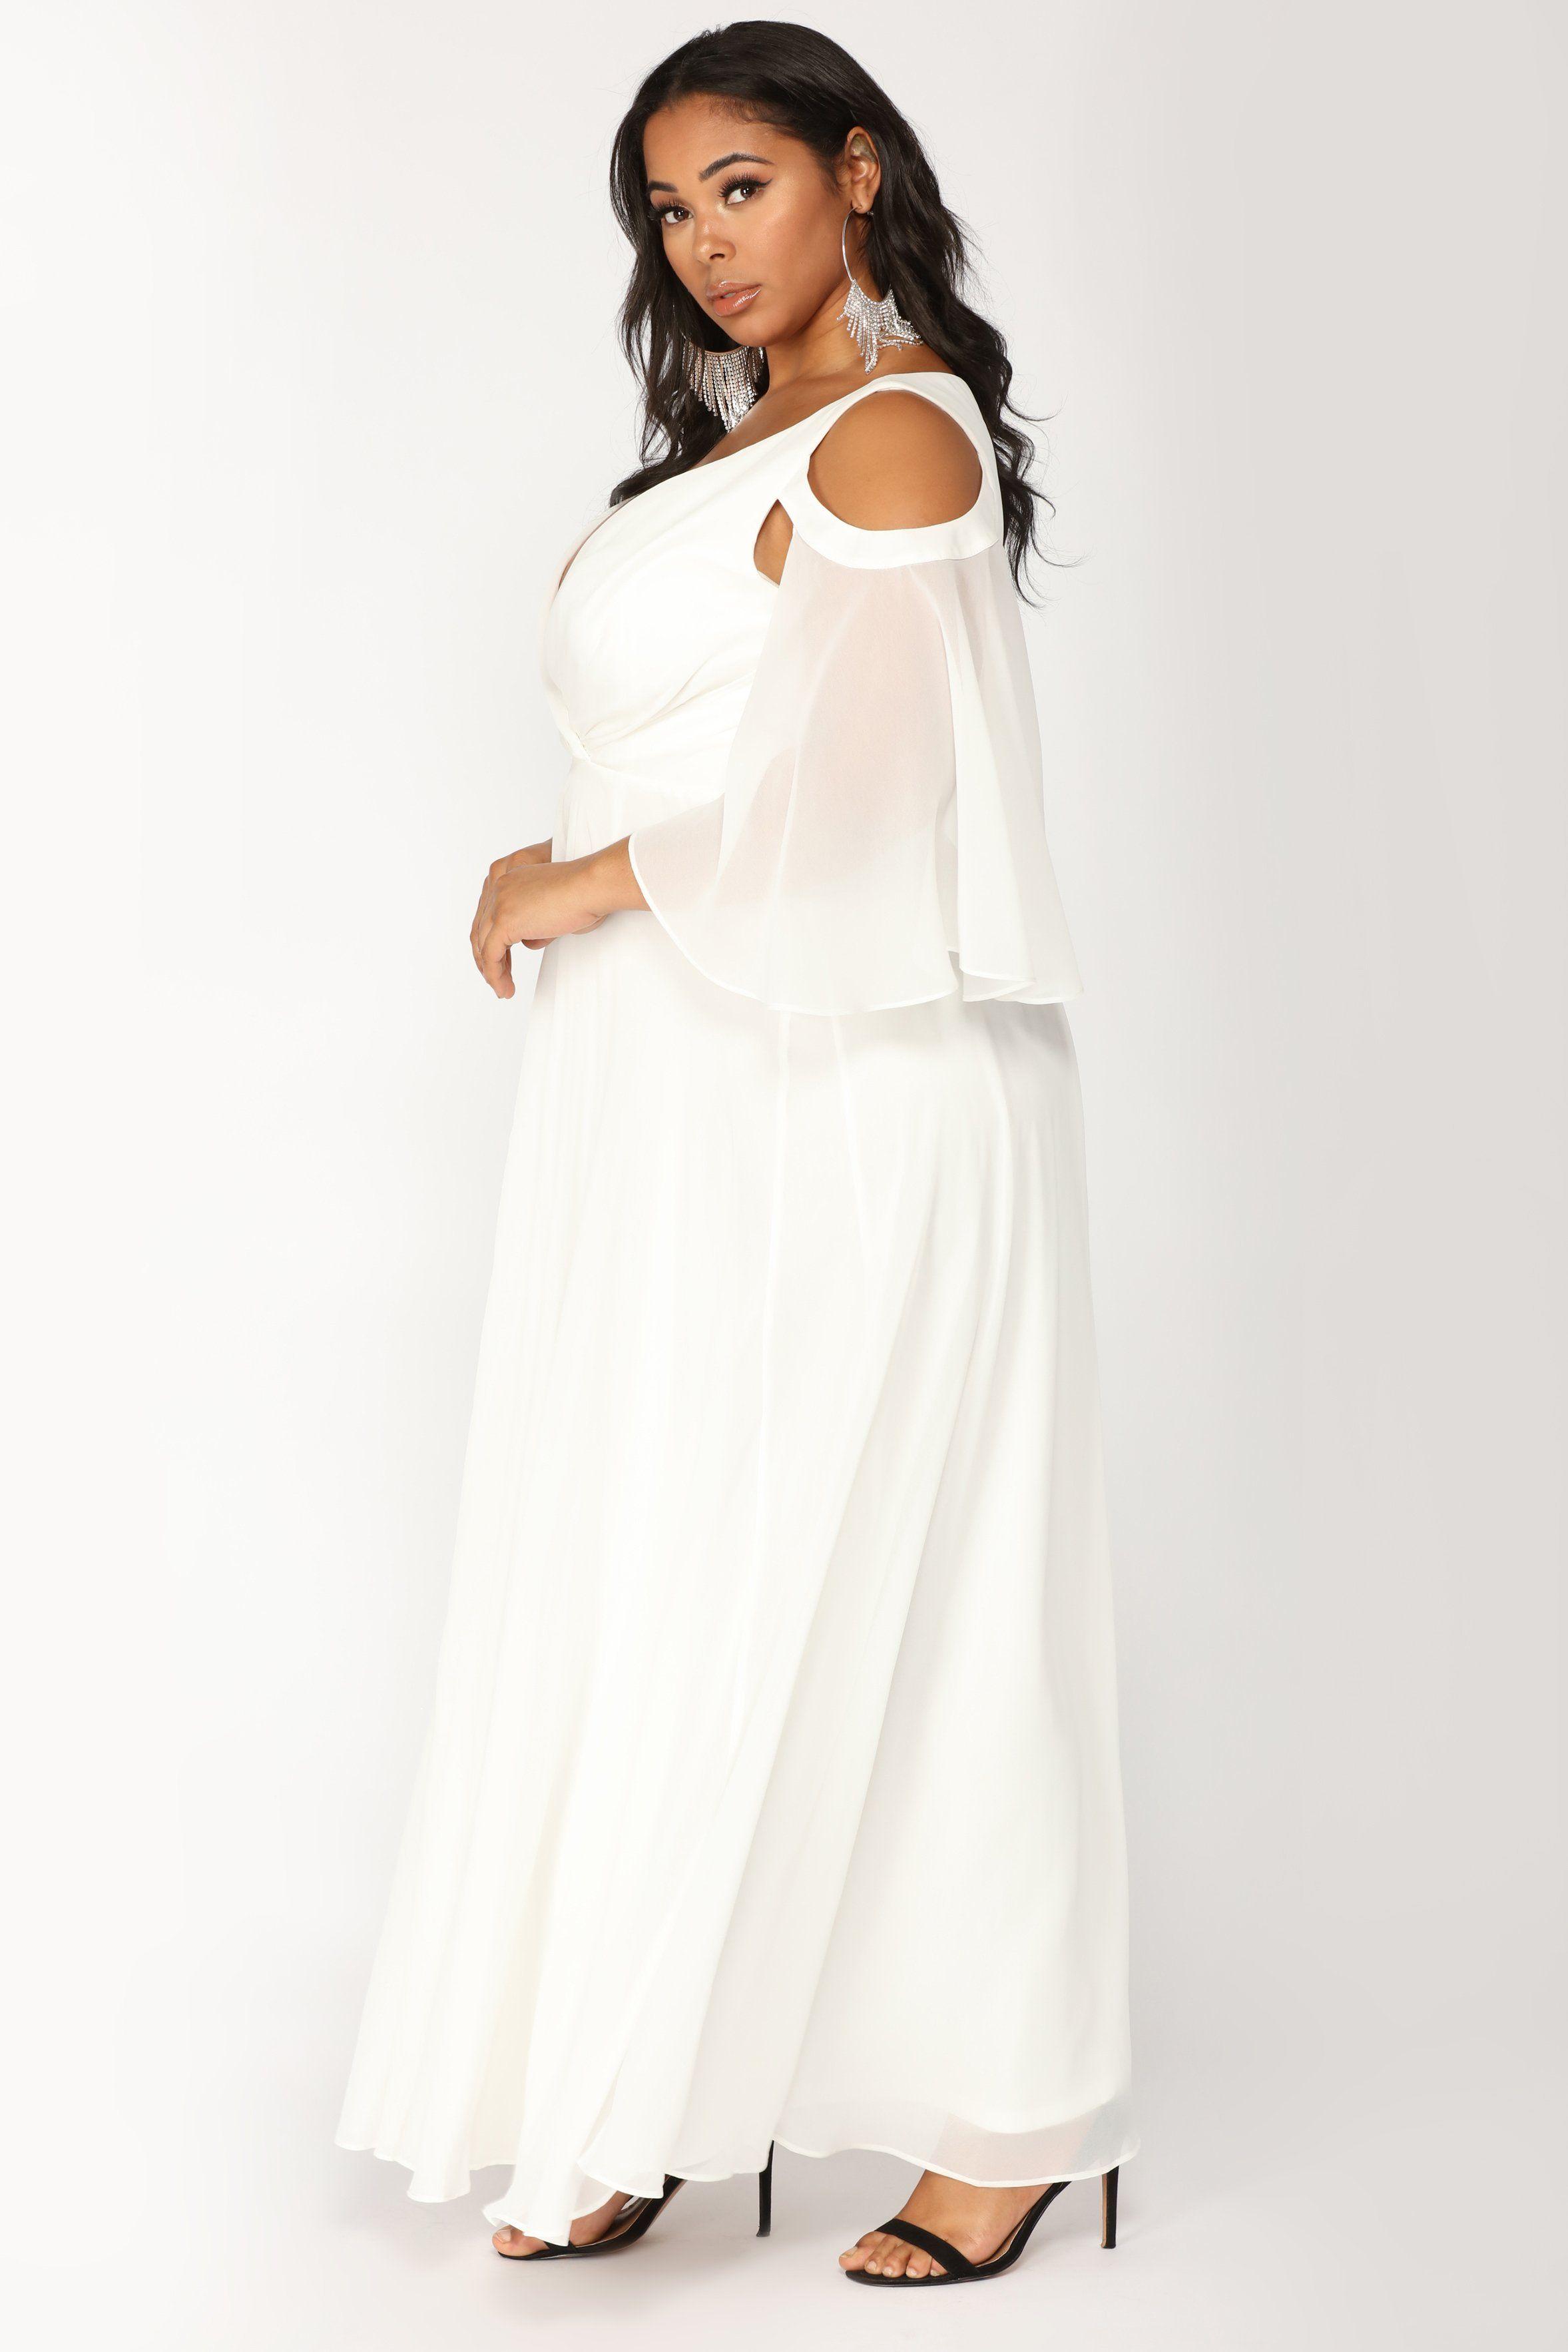 Debutante Ball Chiffon Dress White en 2020 Mariage